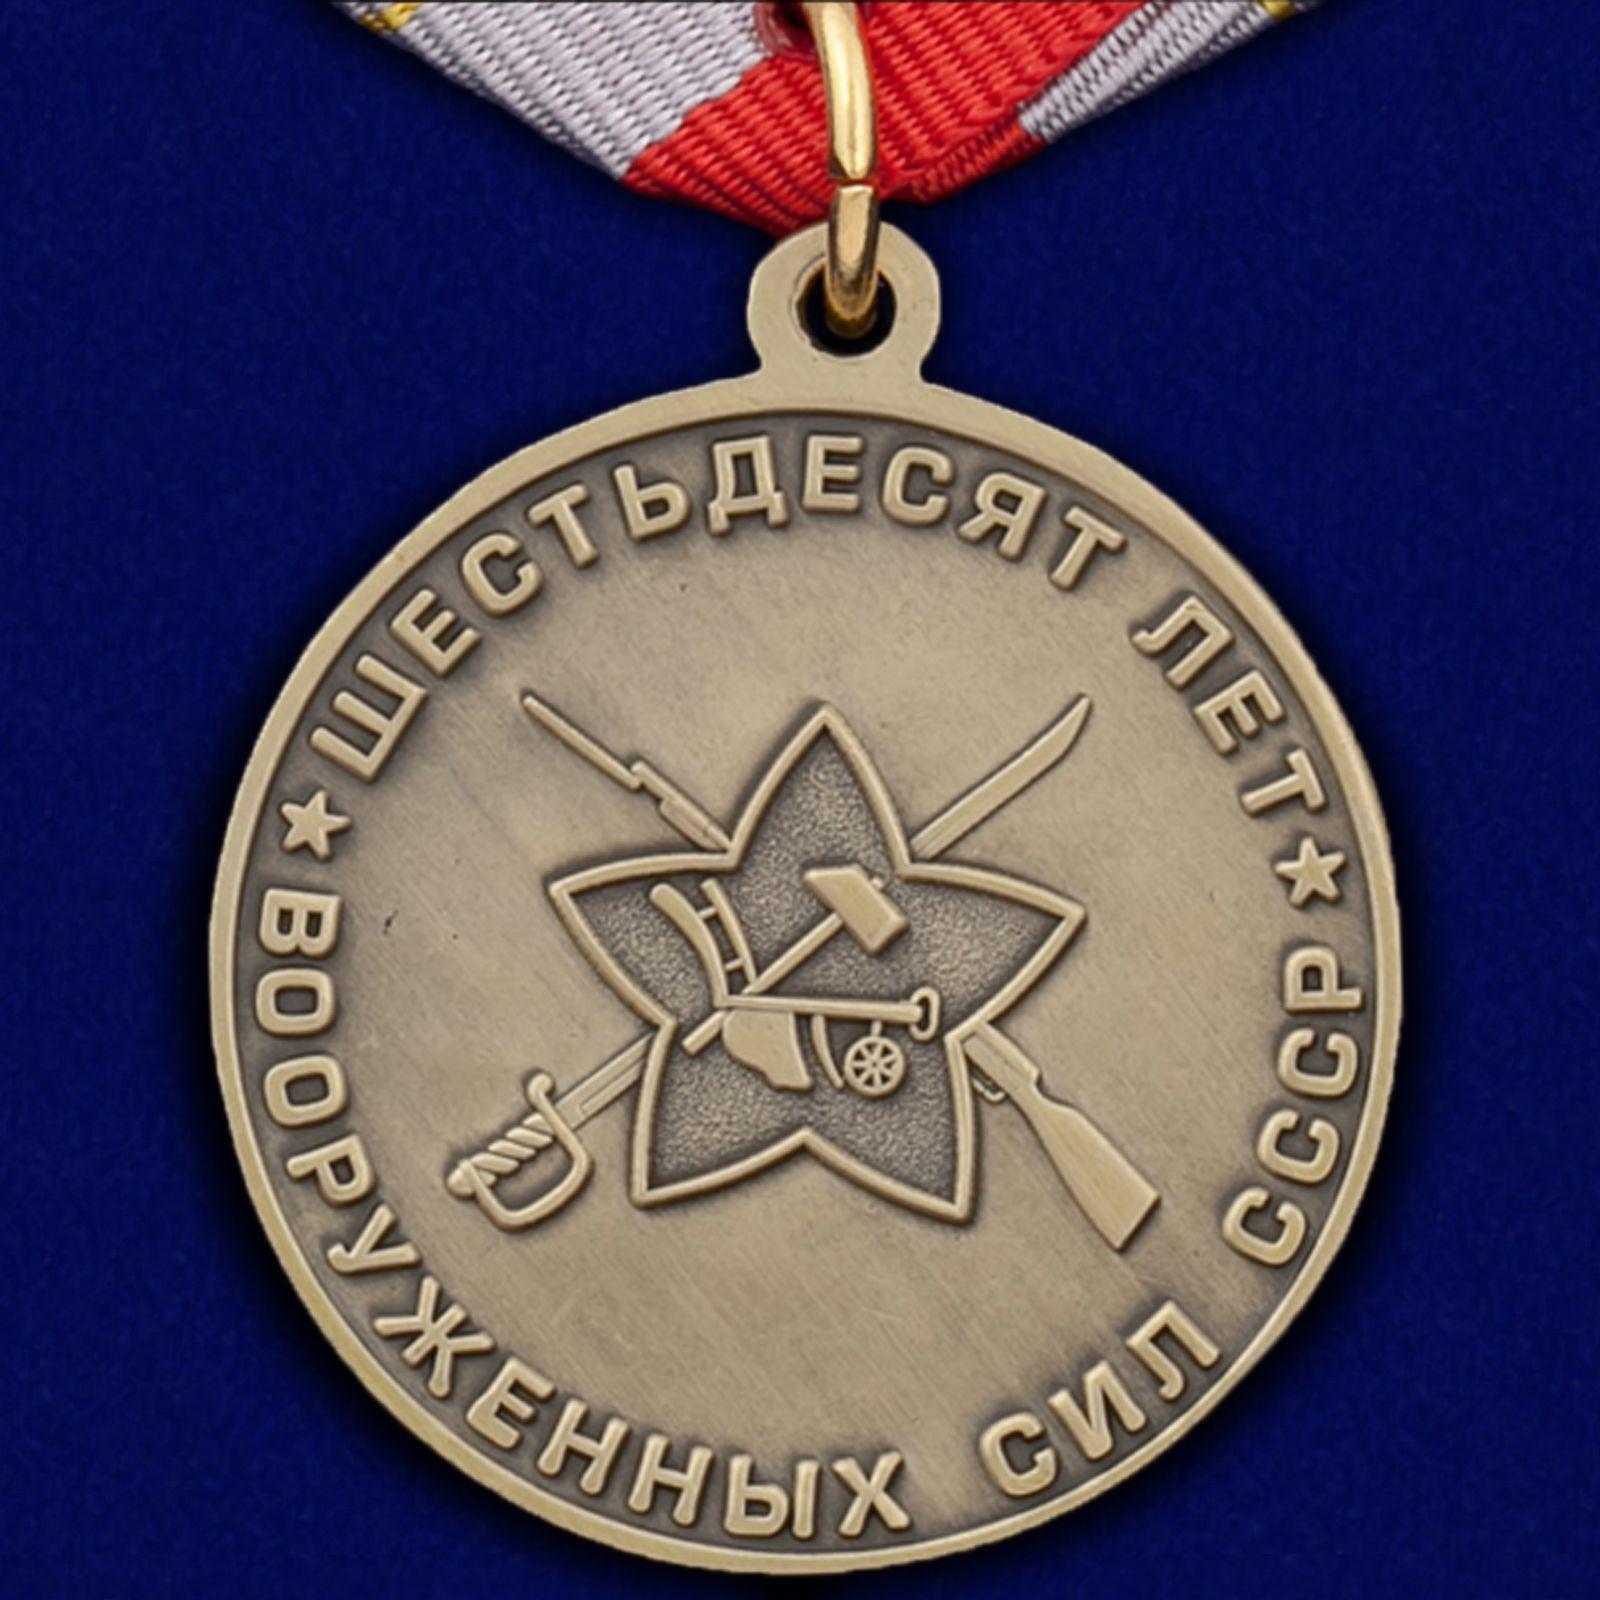 """Реверс медали с надписью """"Шестьдесят лет Вооруженных Сил СССР"""""""